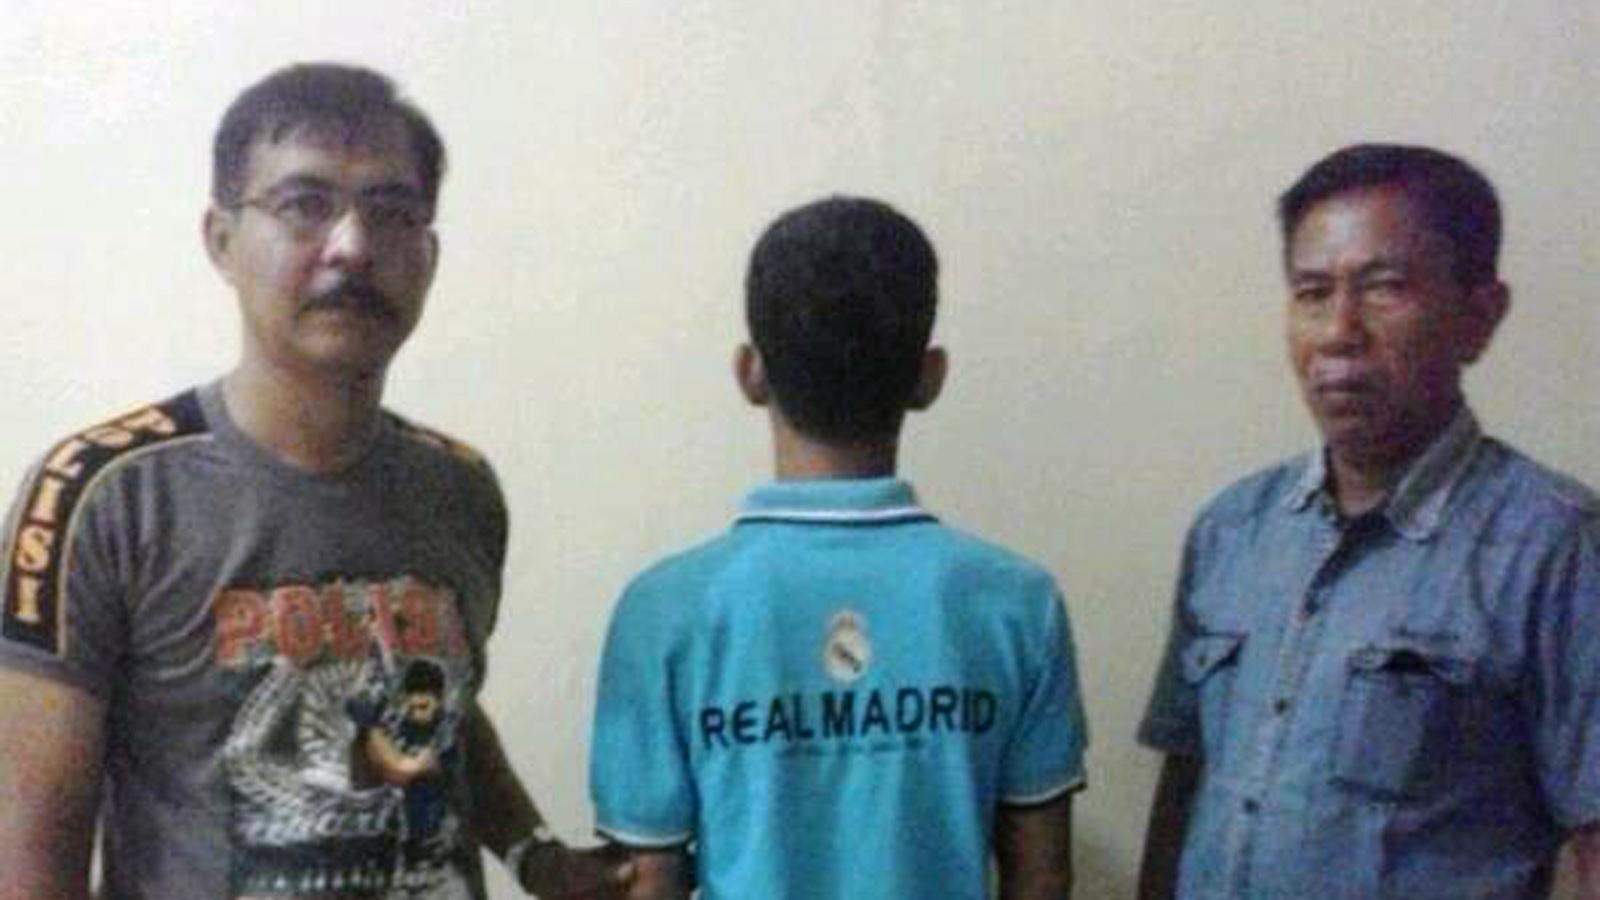 Tersangka Ahmad Mustakim (menghadap tembok) yang kini ditahan di Polsek Seputih Mataram. (Lampungnews/Zir)